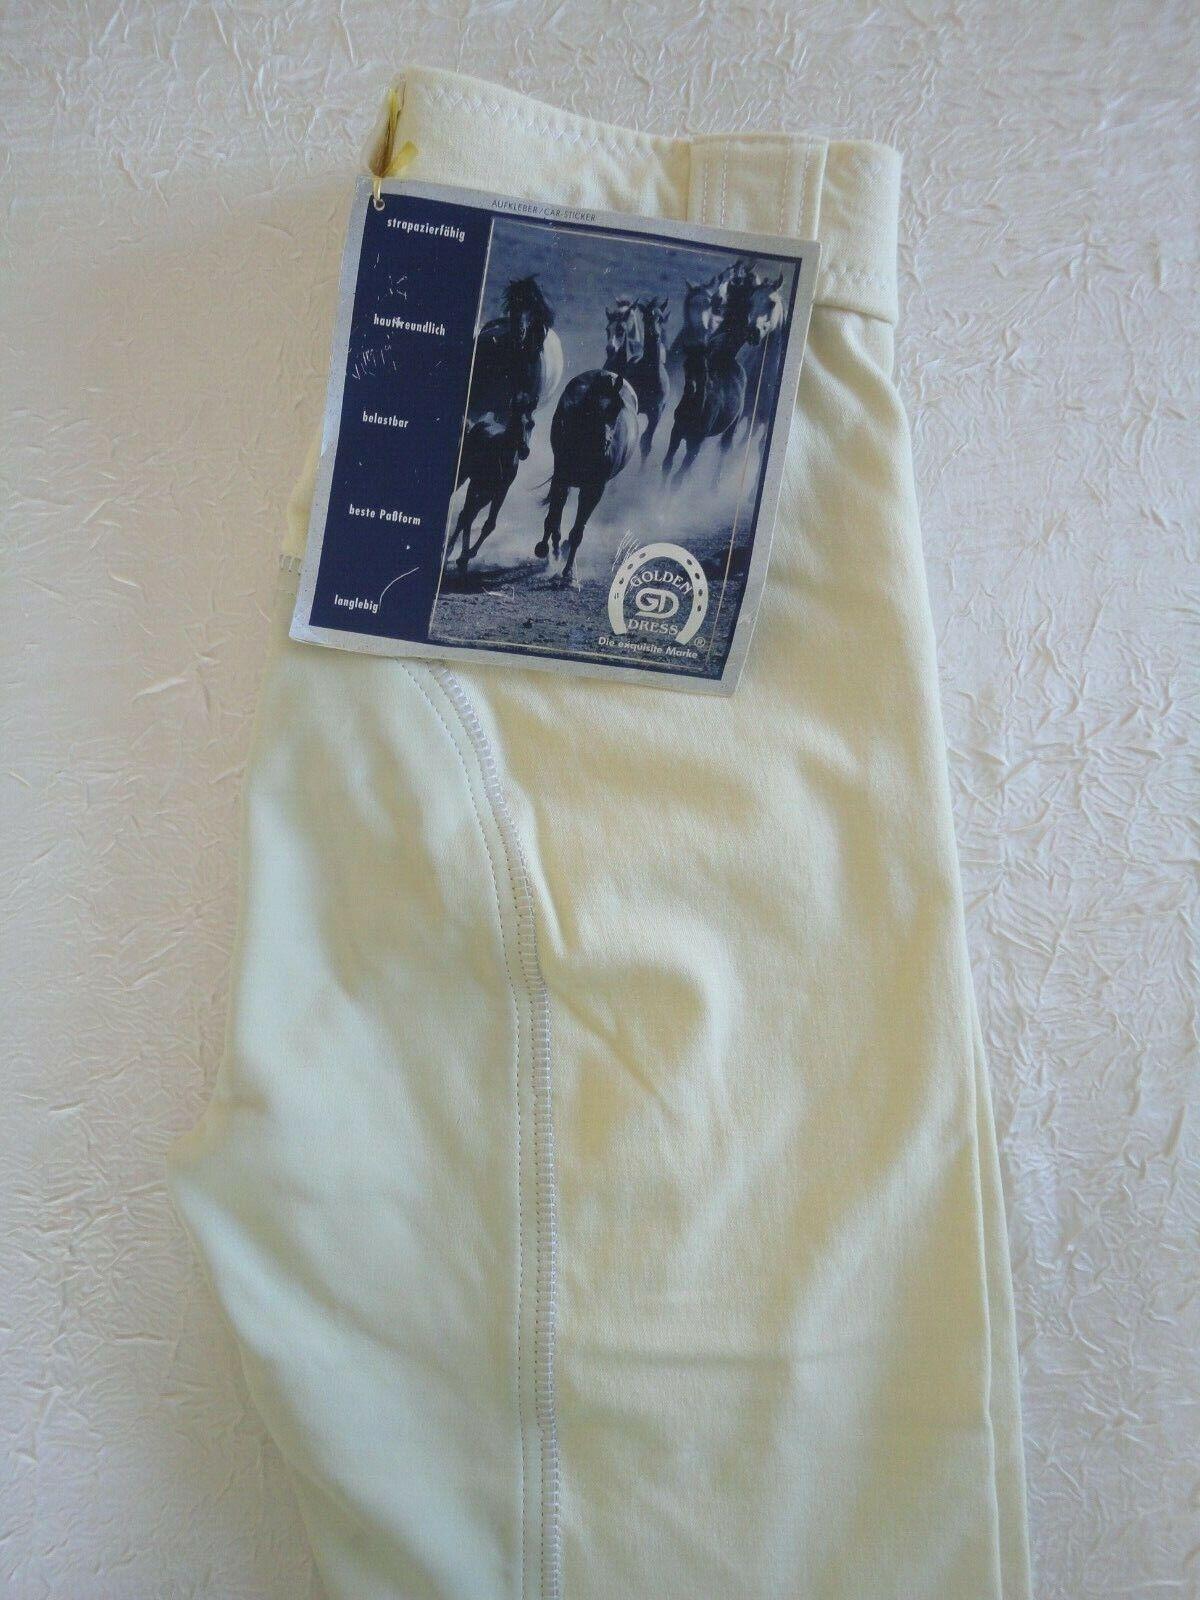 Breeches daSie Weiß GoldEN Kleid GB 26  UK 12  F 38  D 42  USA 28  NEW